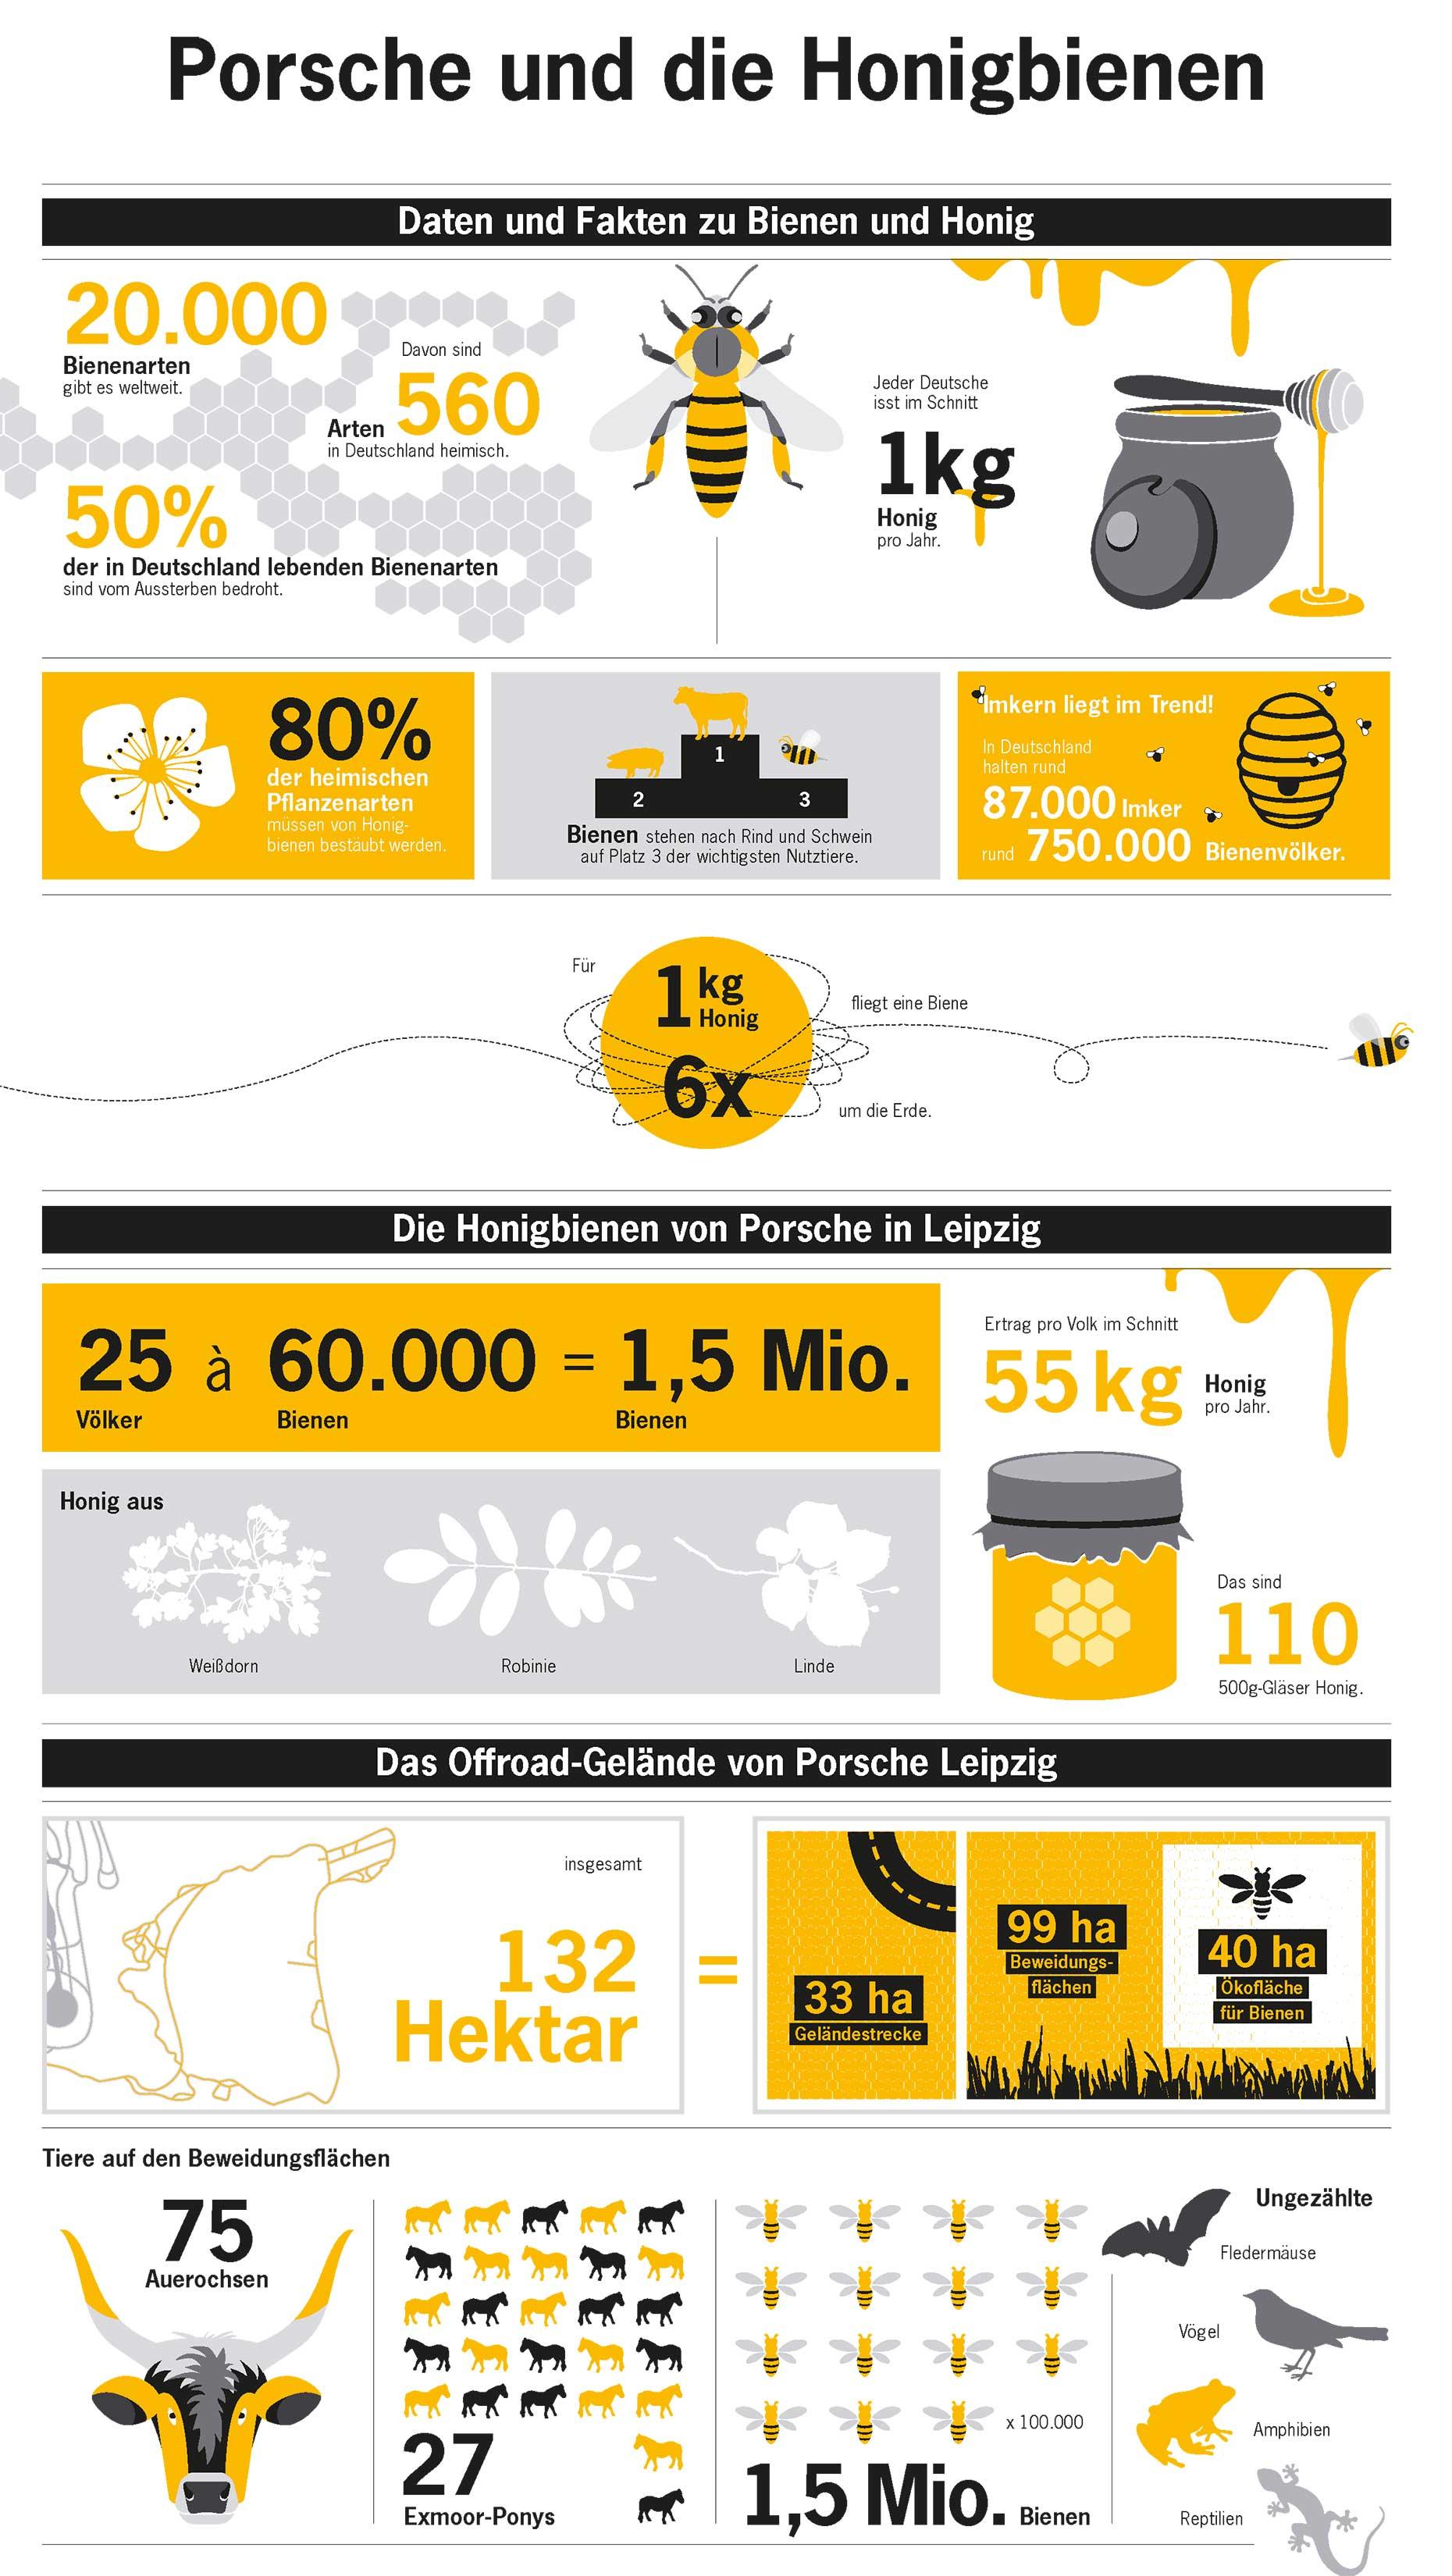 Porsche und die Honigbienen, Infografik, 2017, Porsche AG